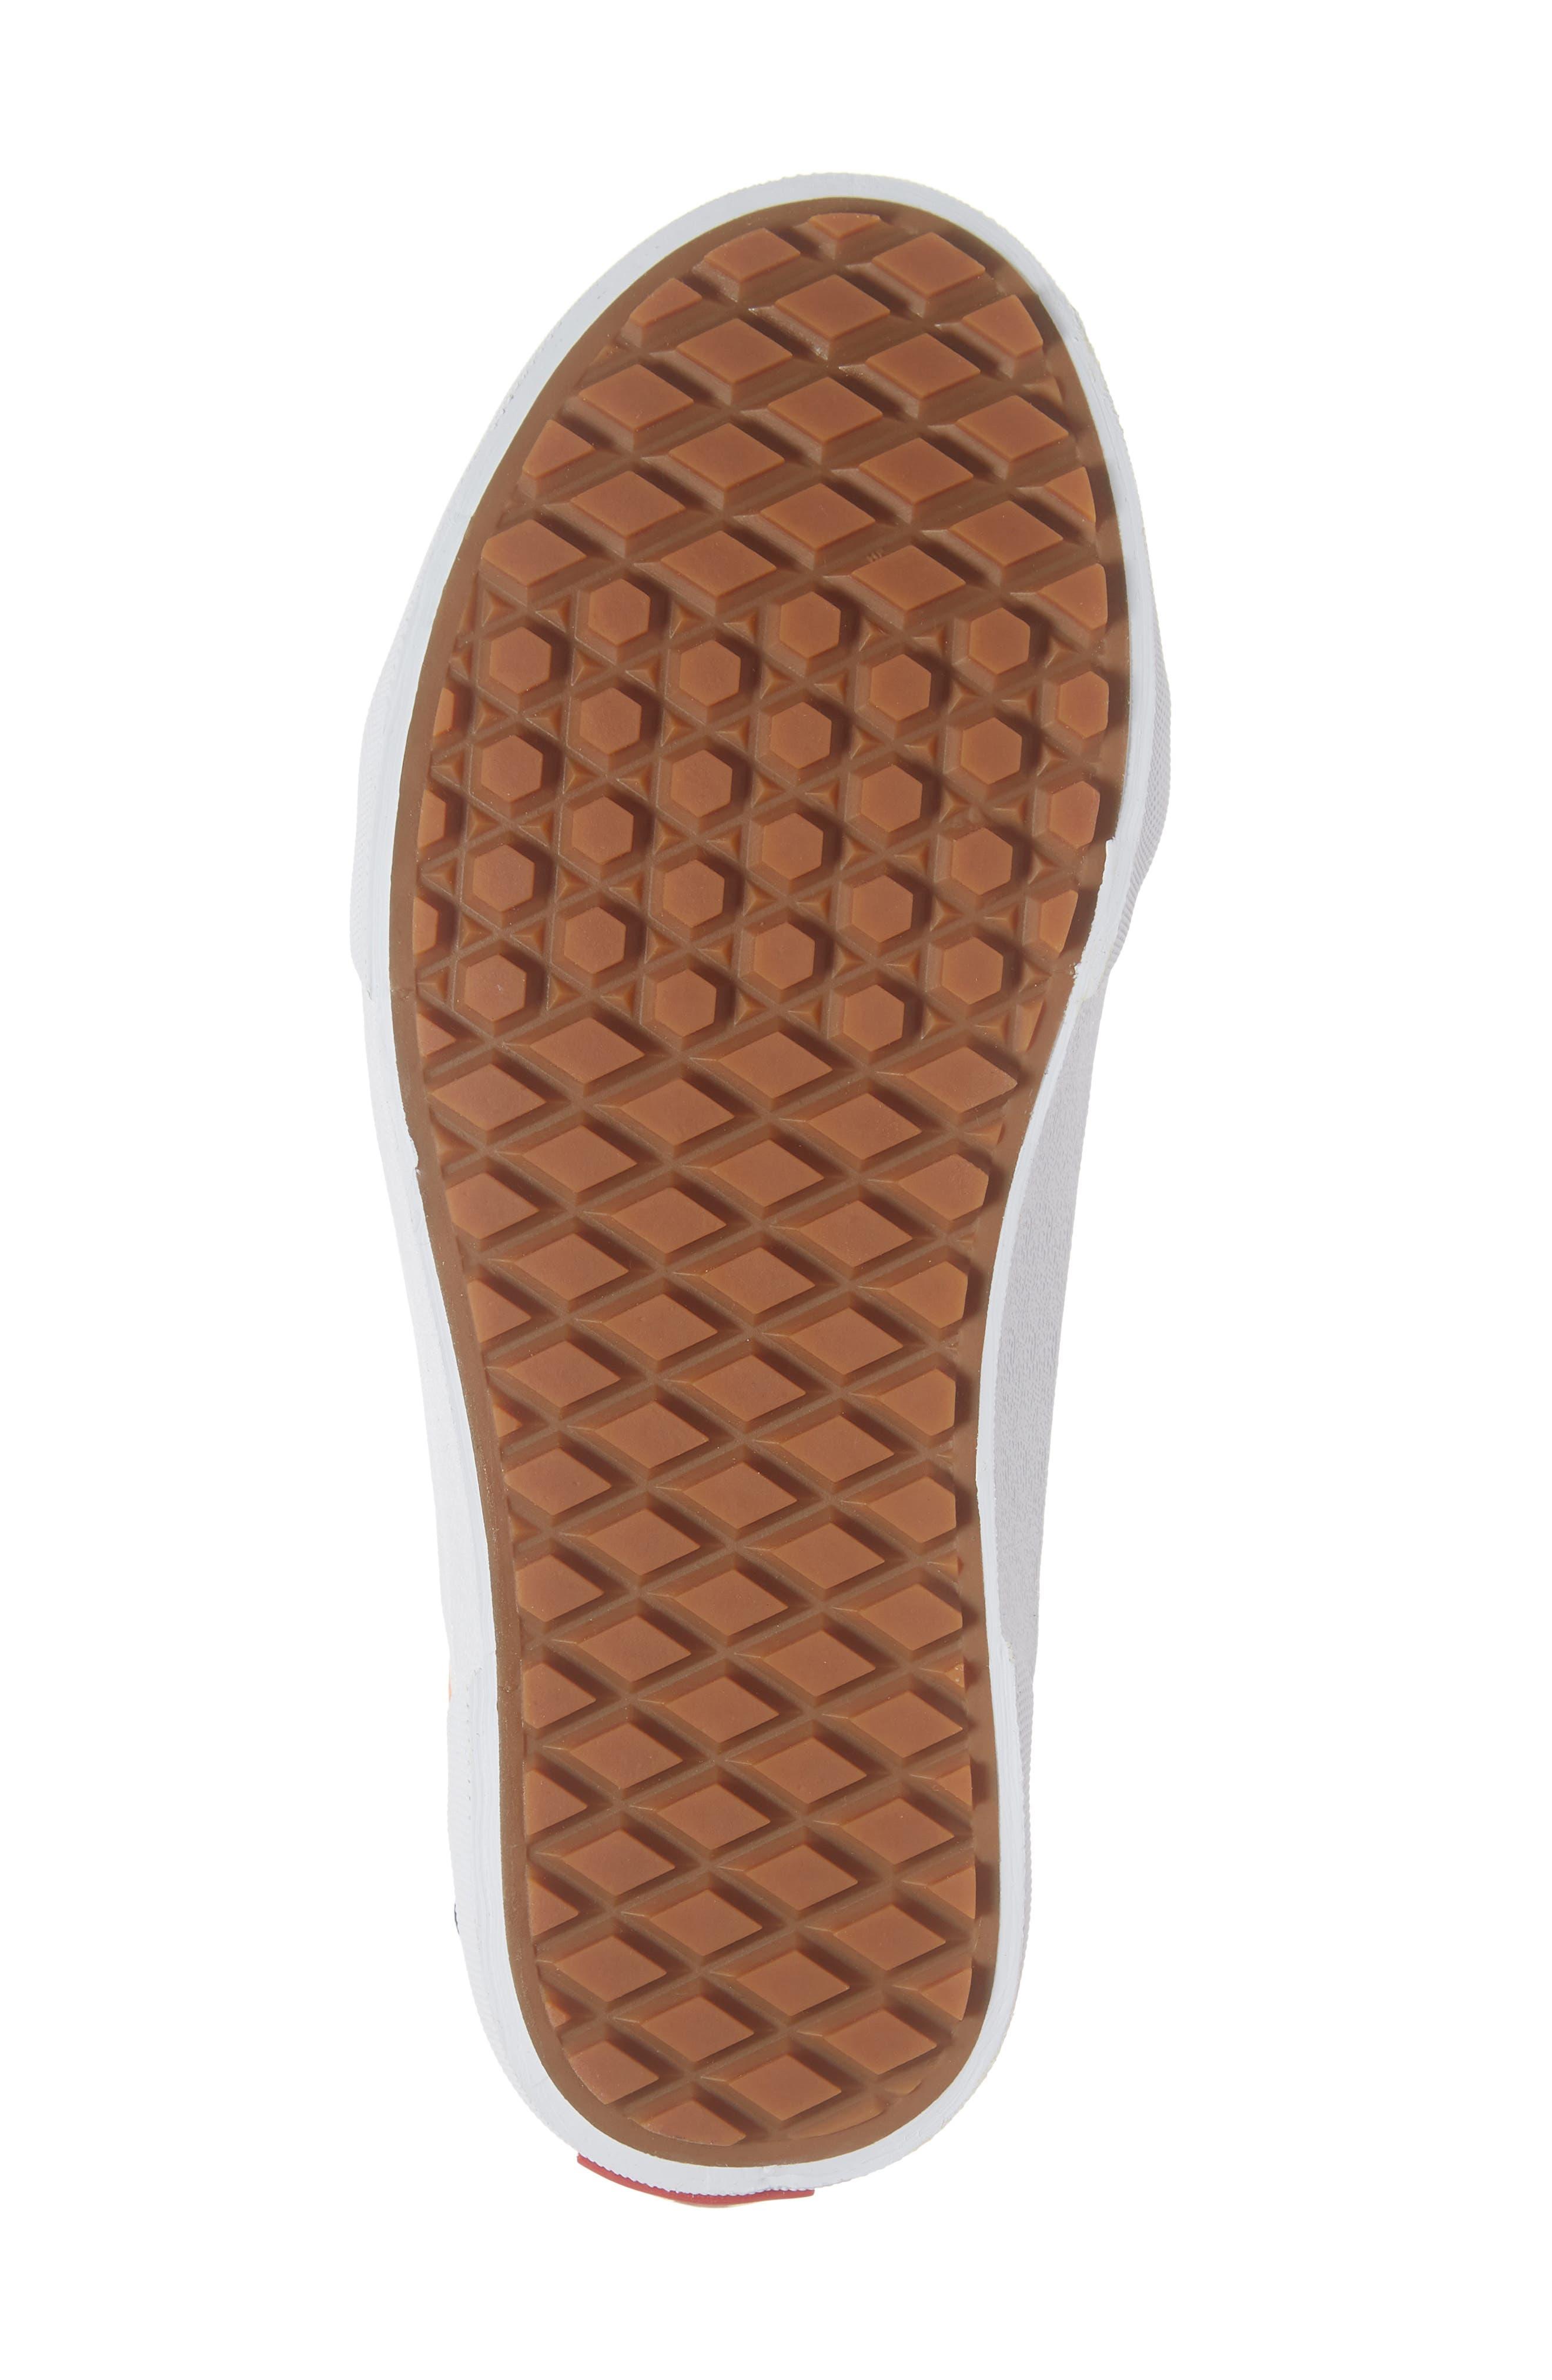 VANS,                             Sk8-Hi 46 MTE DX Sneaker,                             Alternate thumbnail 6, color,                             PINK YARROW/ TANGERINE/ BLACK